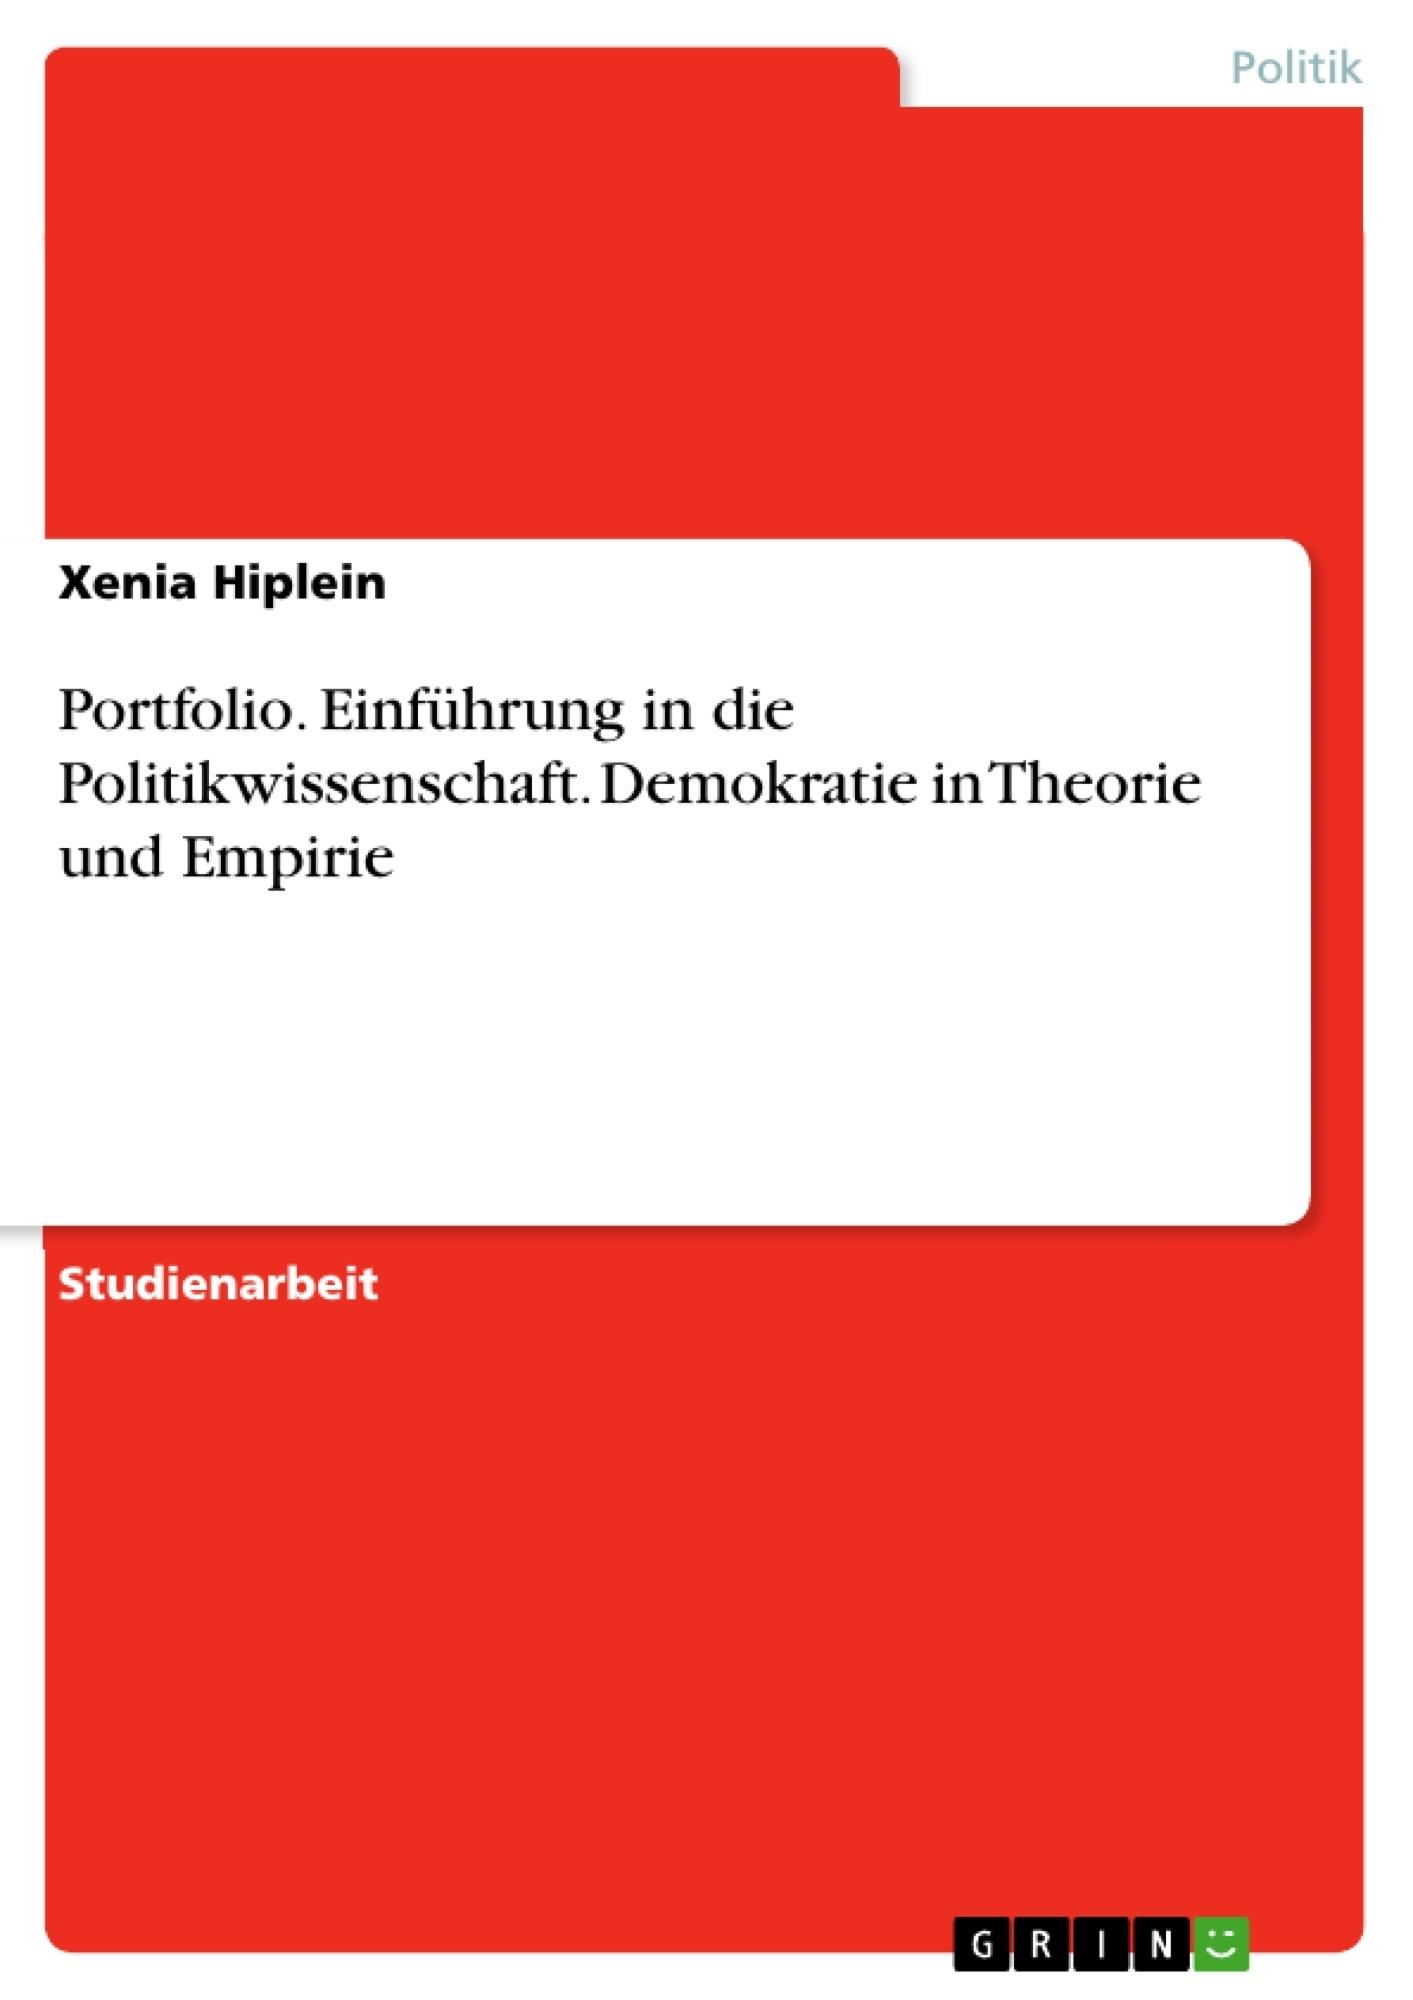 Titel: Portfolio. Einführung in die Politikwissenschaft. Demokratie in Theorie und Empirie